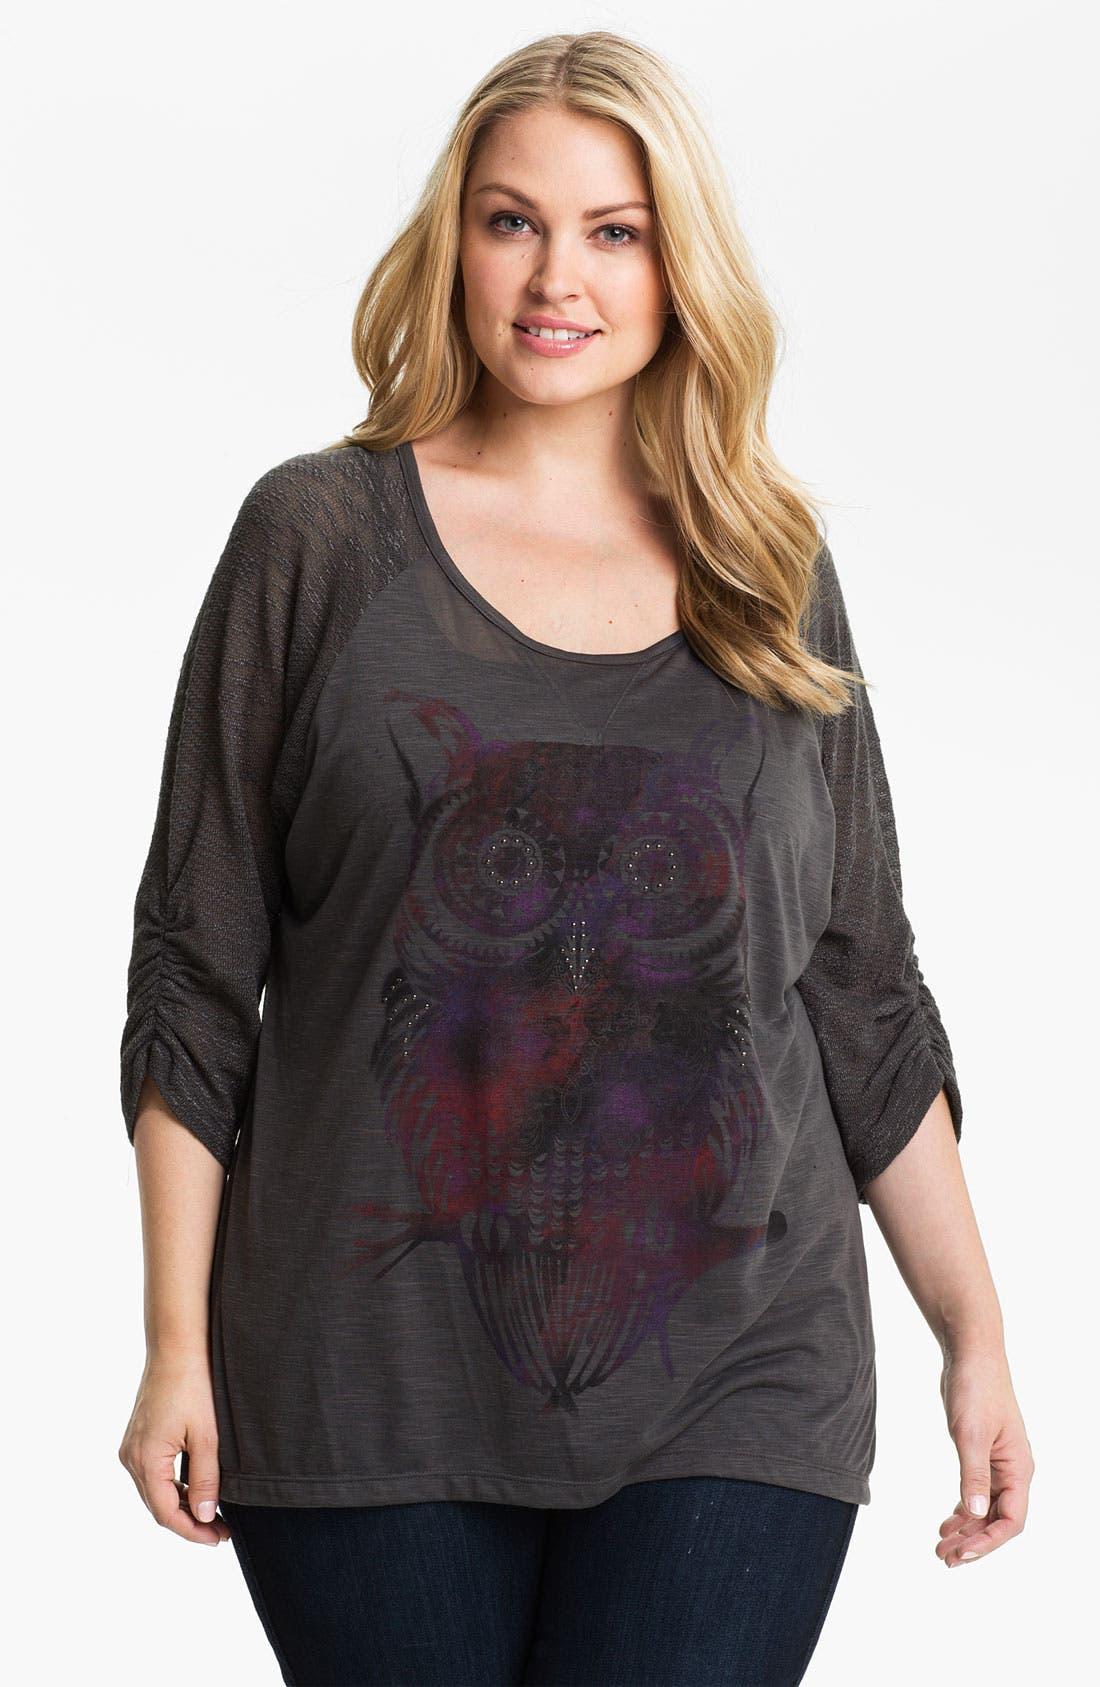 Alternate Image 1 Selected - Madison & Berkeley Studded Owl Tee (Plus)